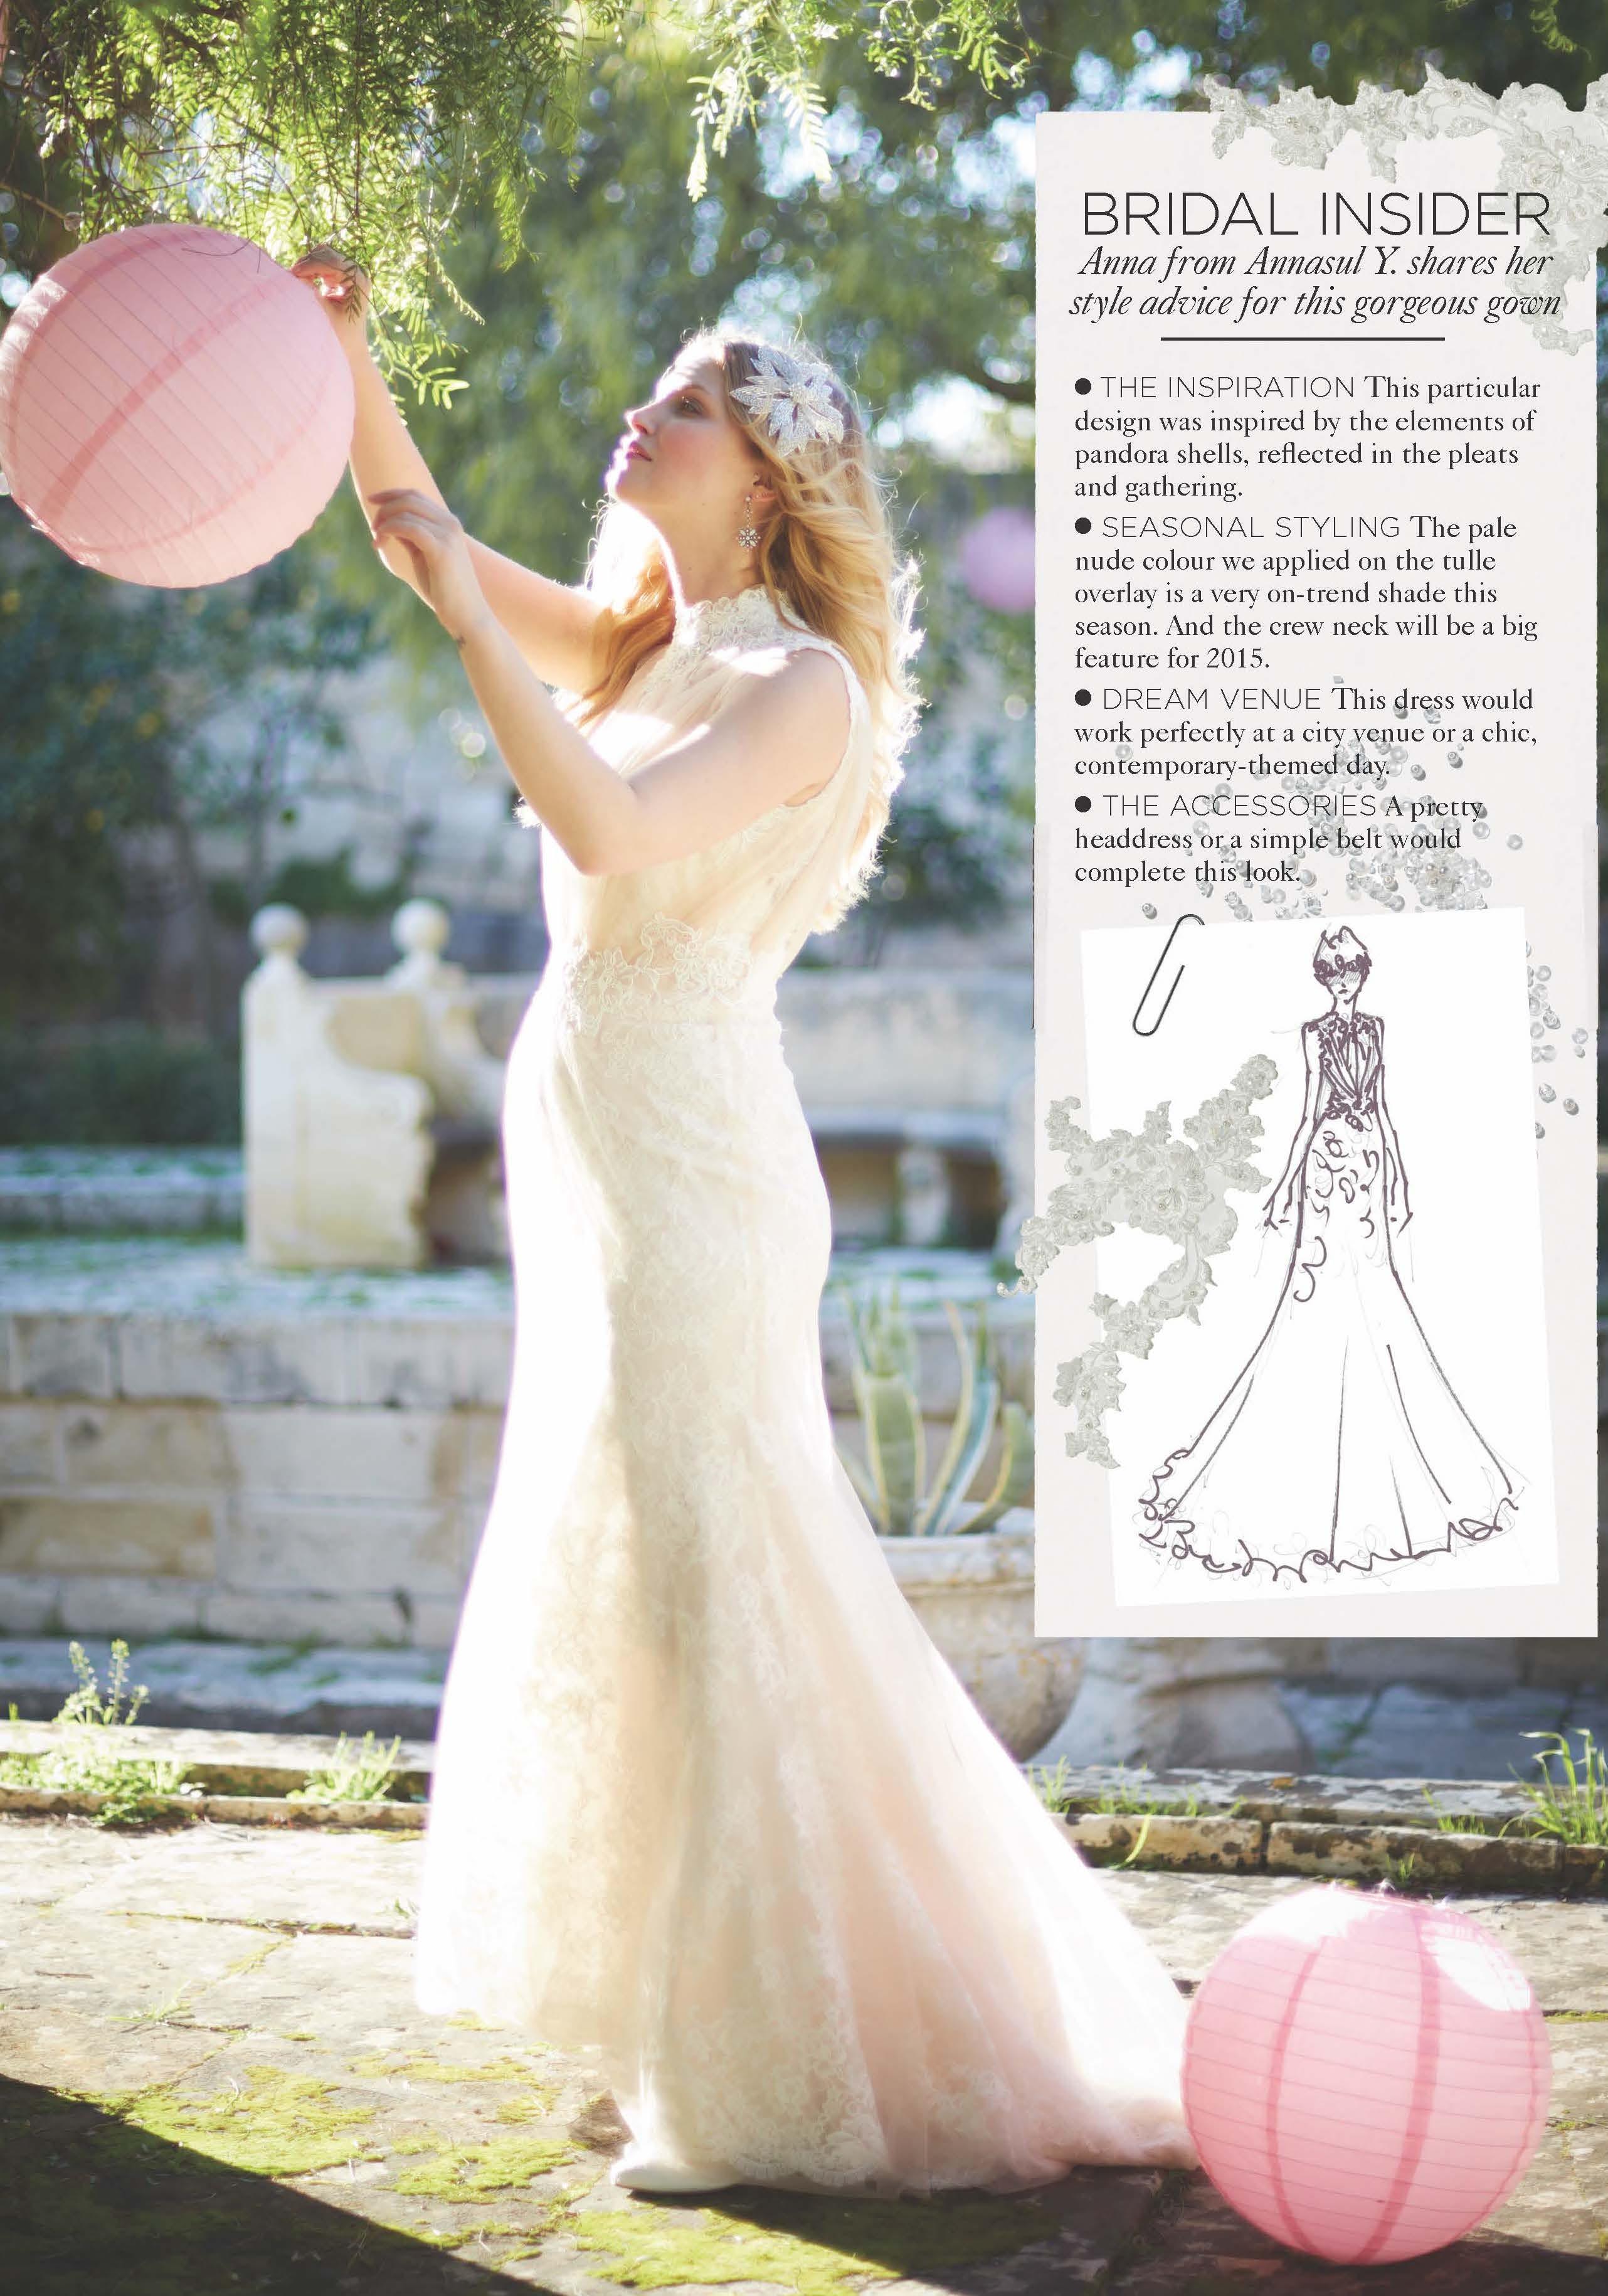 Annasul Y. magazine feature